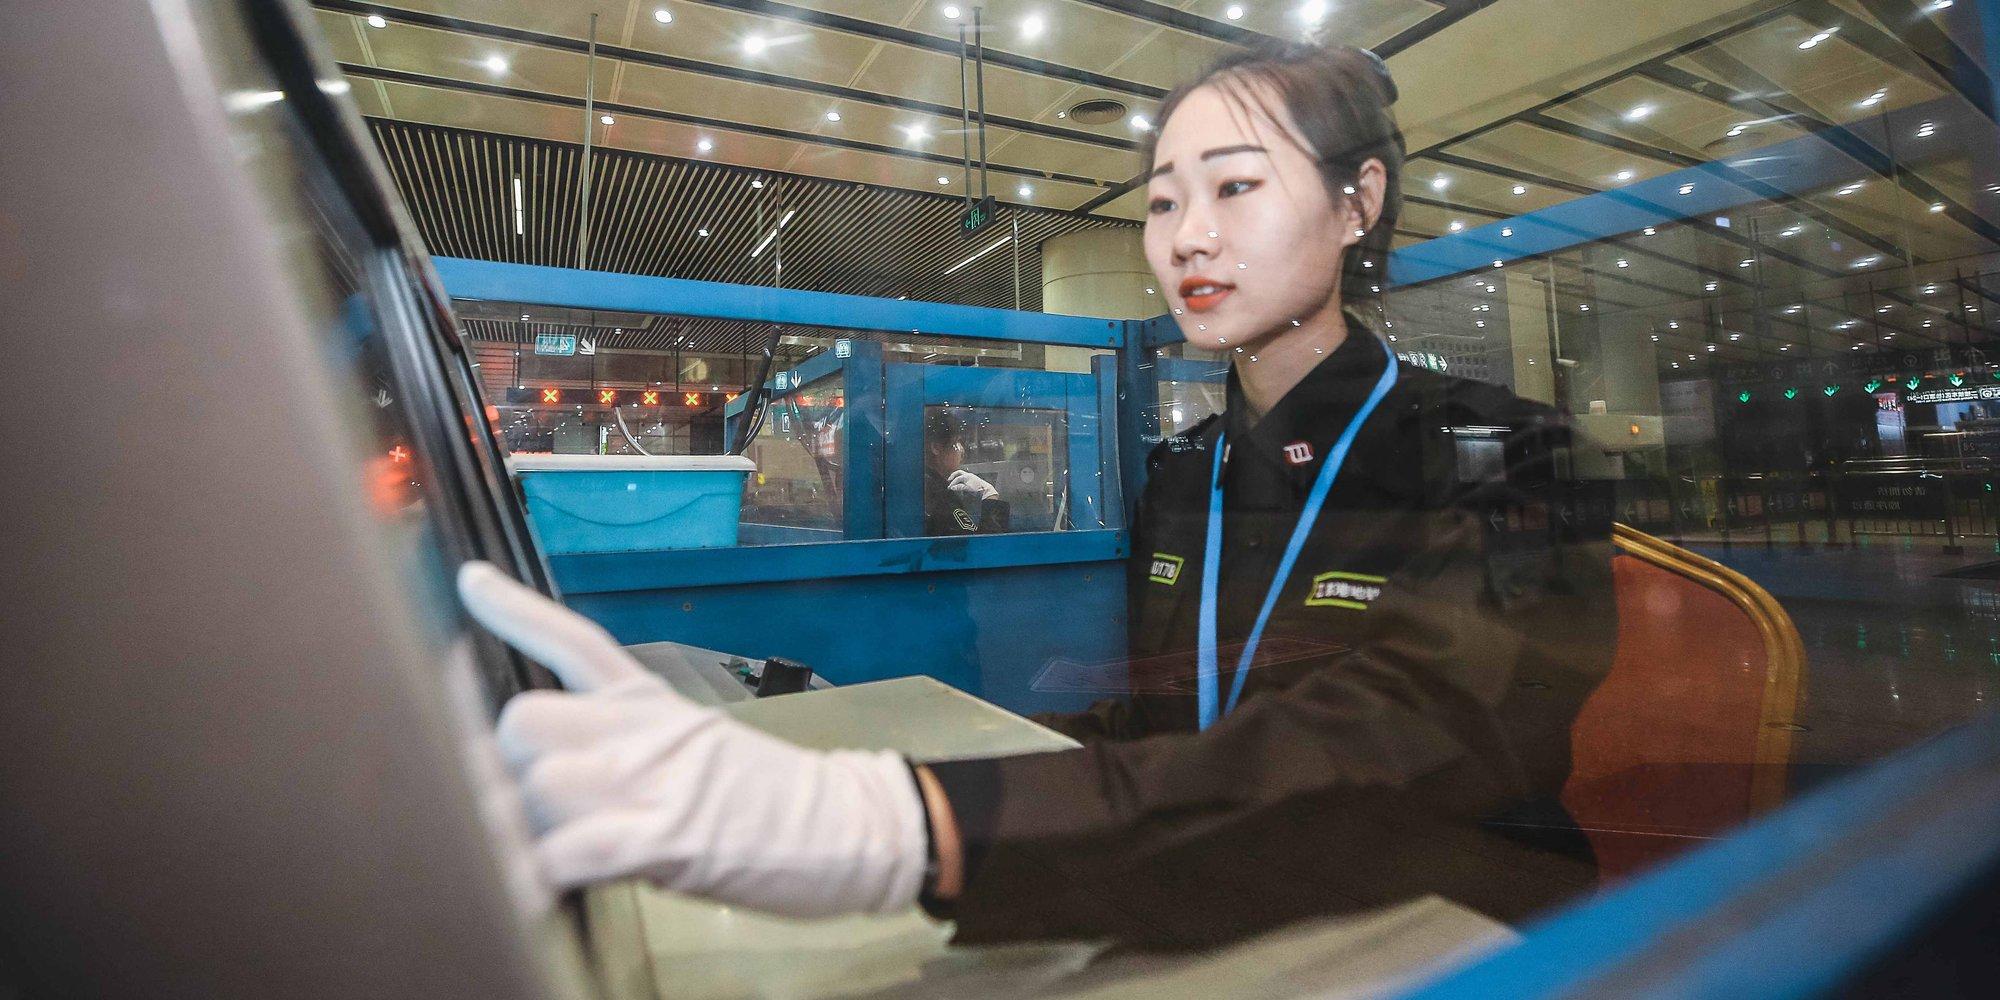 【燕女郎】实拍95后地铁美女安检员:每日凌晨3点起床 服务千余名乘客